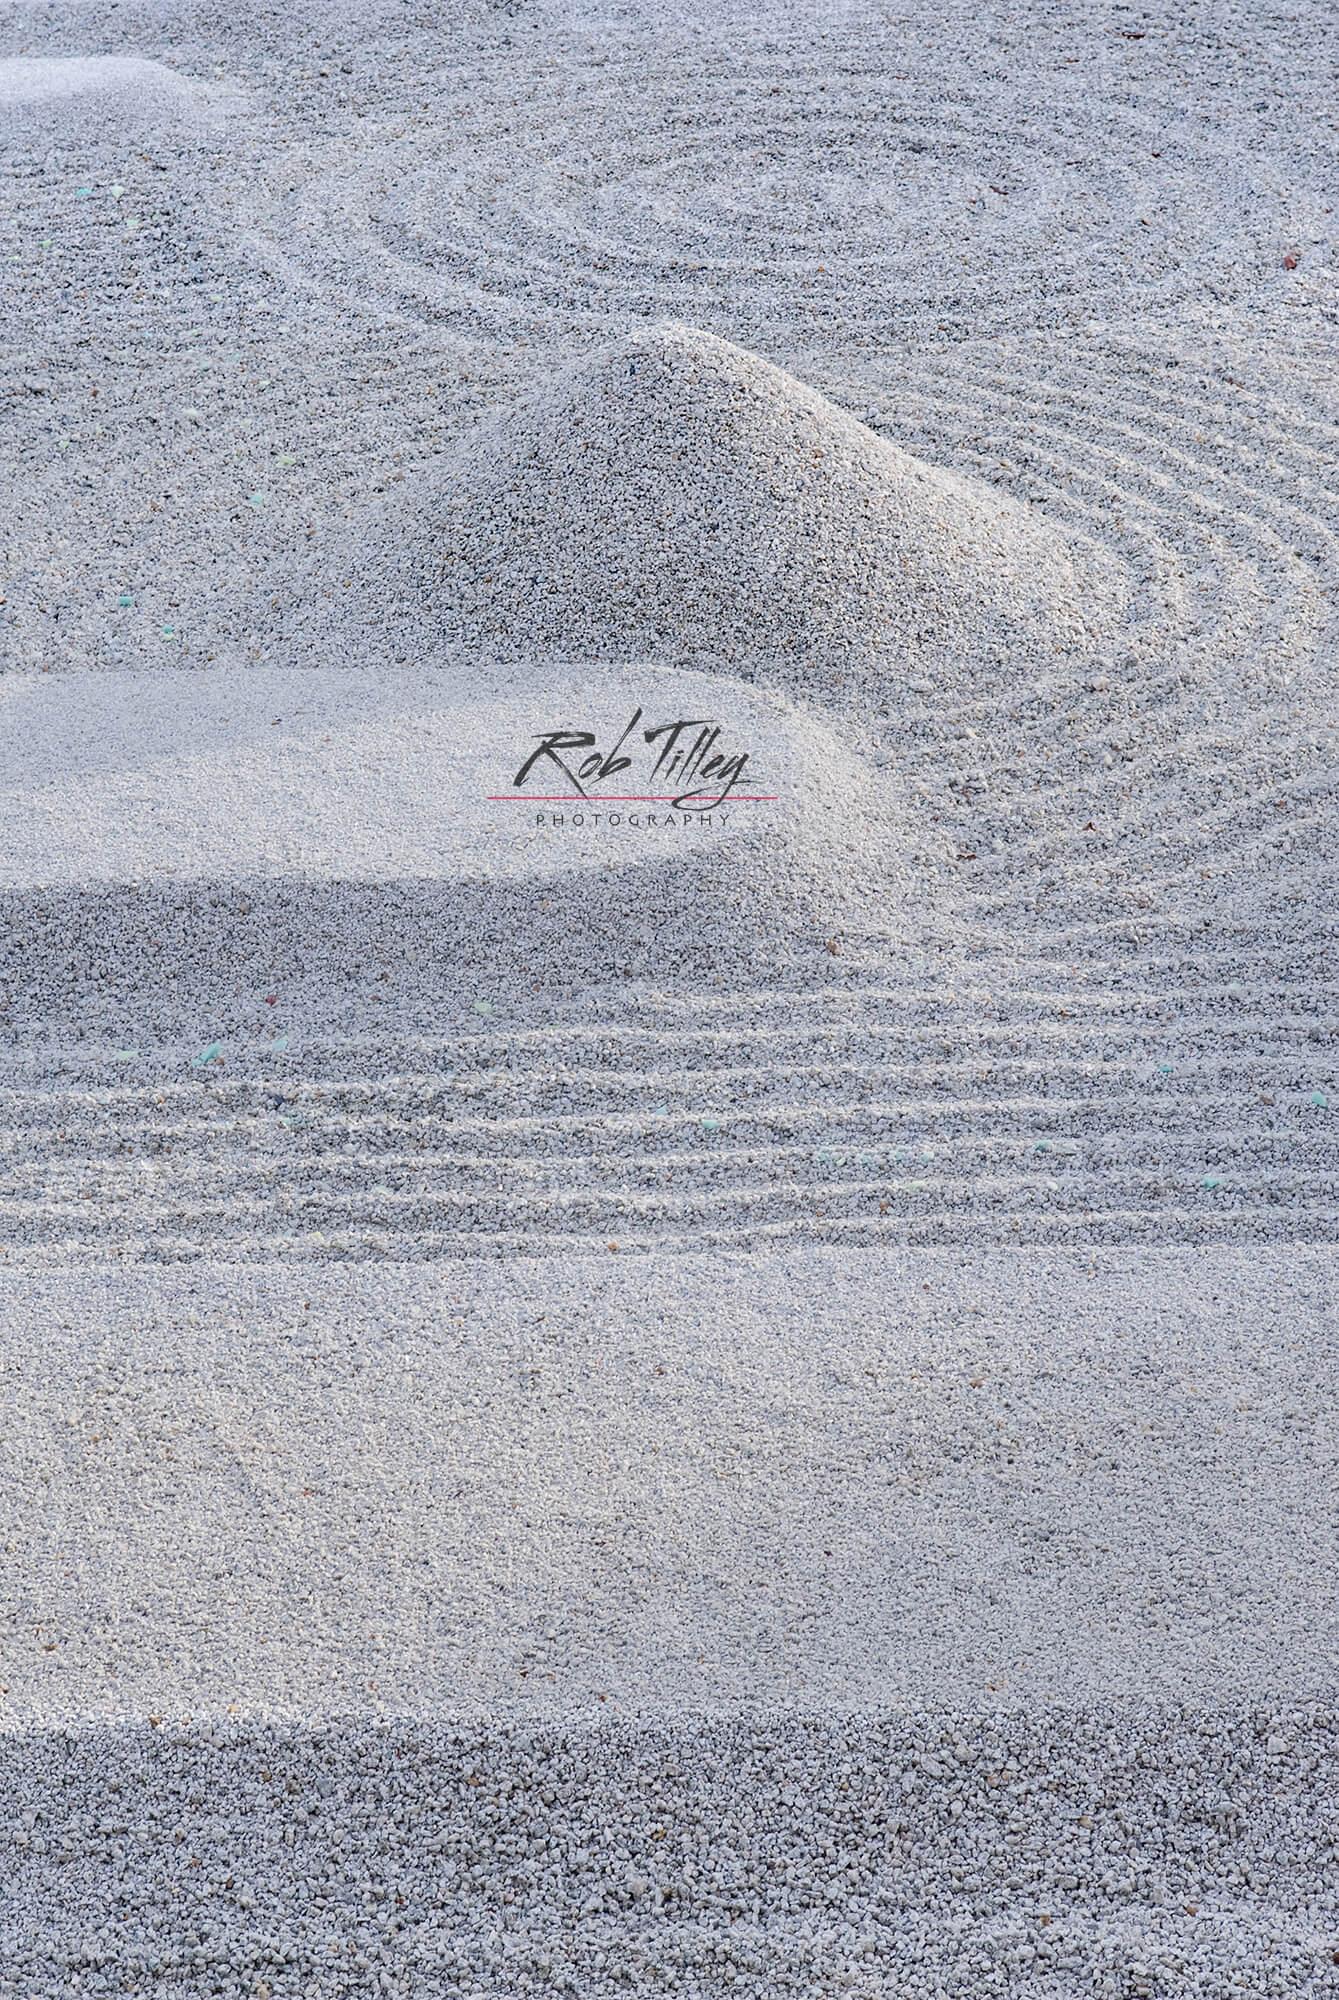 Raked Sand II.jpg